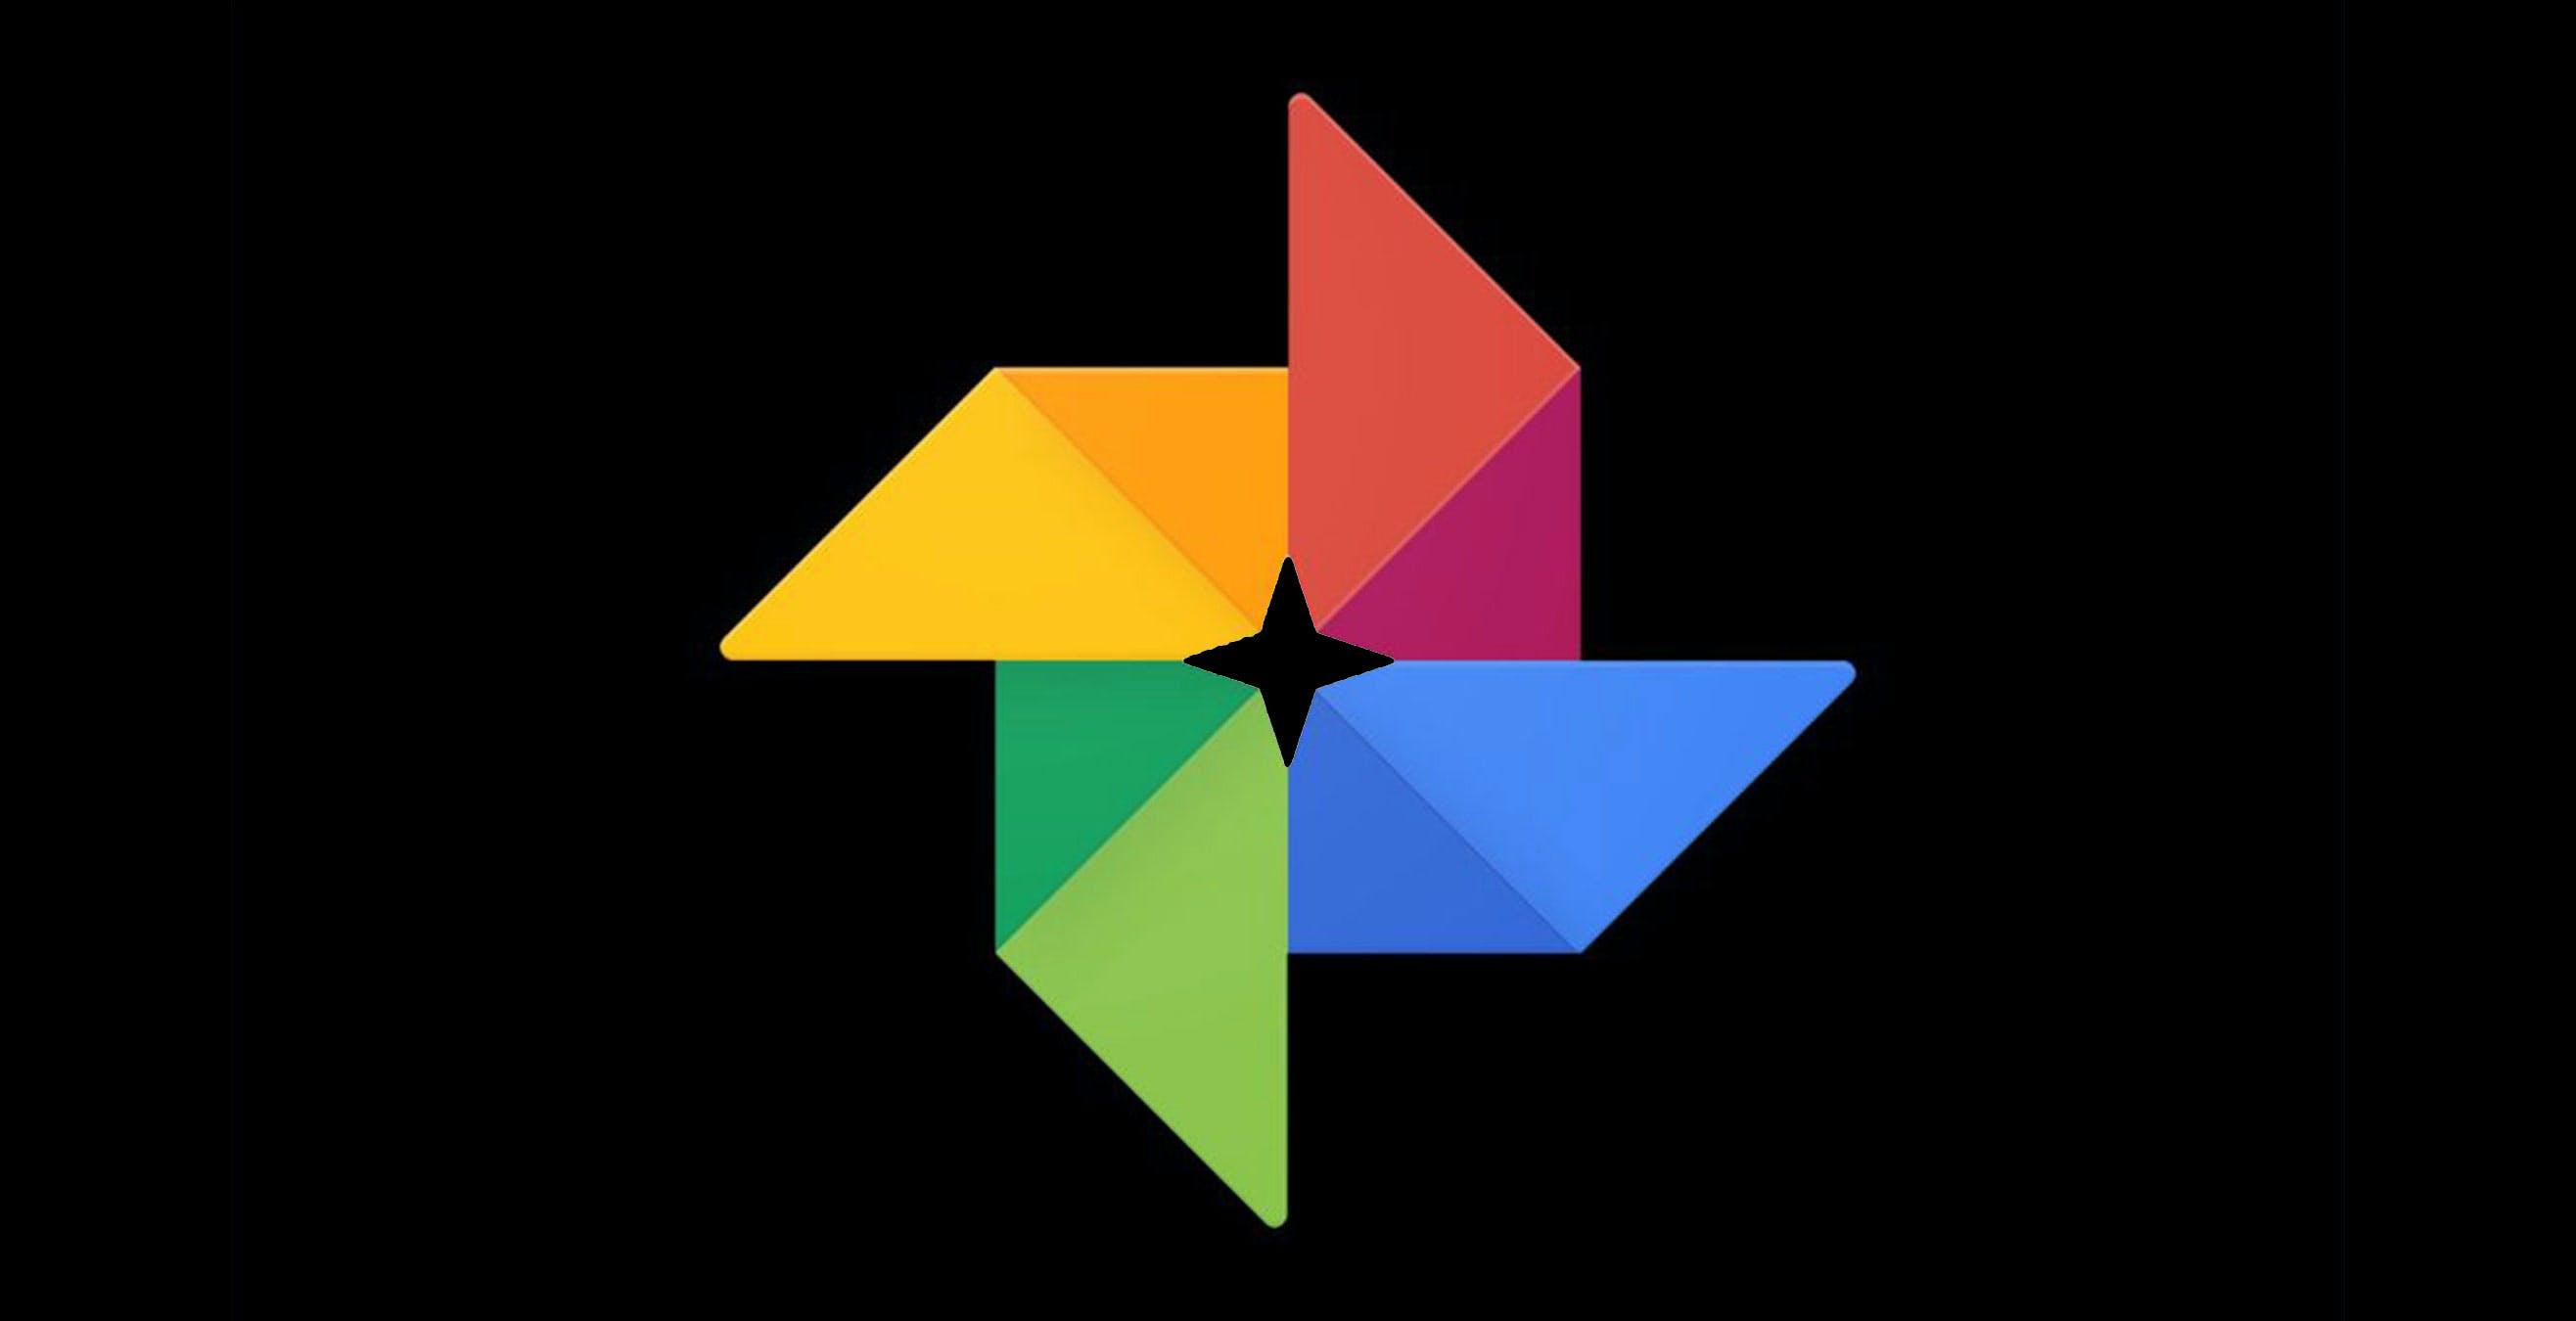 Google Foto, cosa cambia dal primo giugno 2021. Tutte le foto caricate peseranno sullo spazio gratuito